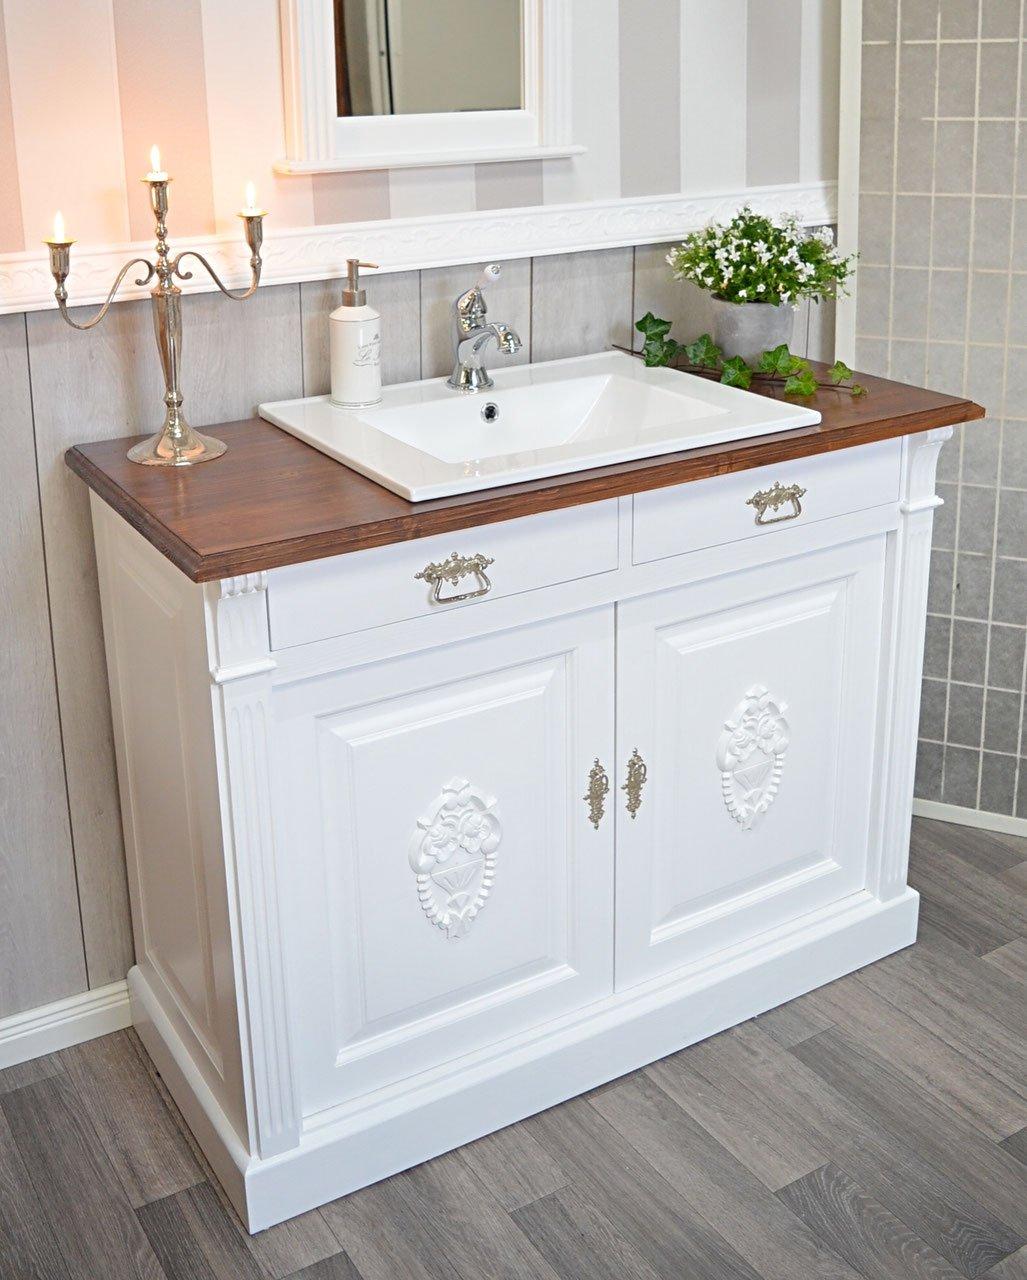 País & Amor de Muebles de baño GmbH Elea: rústico de Lavabo, Vintage, Shabby Chic de, nostálgico: Amazon.es: Hogar